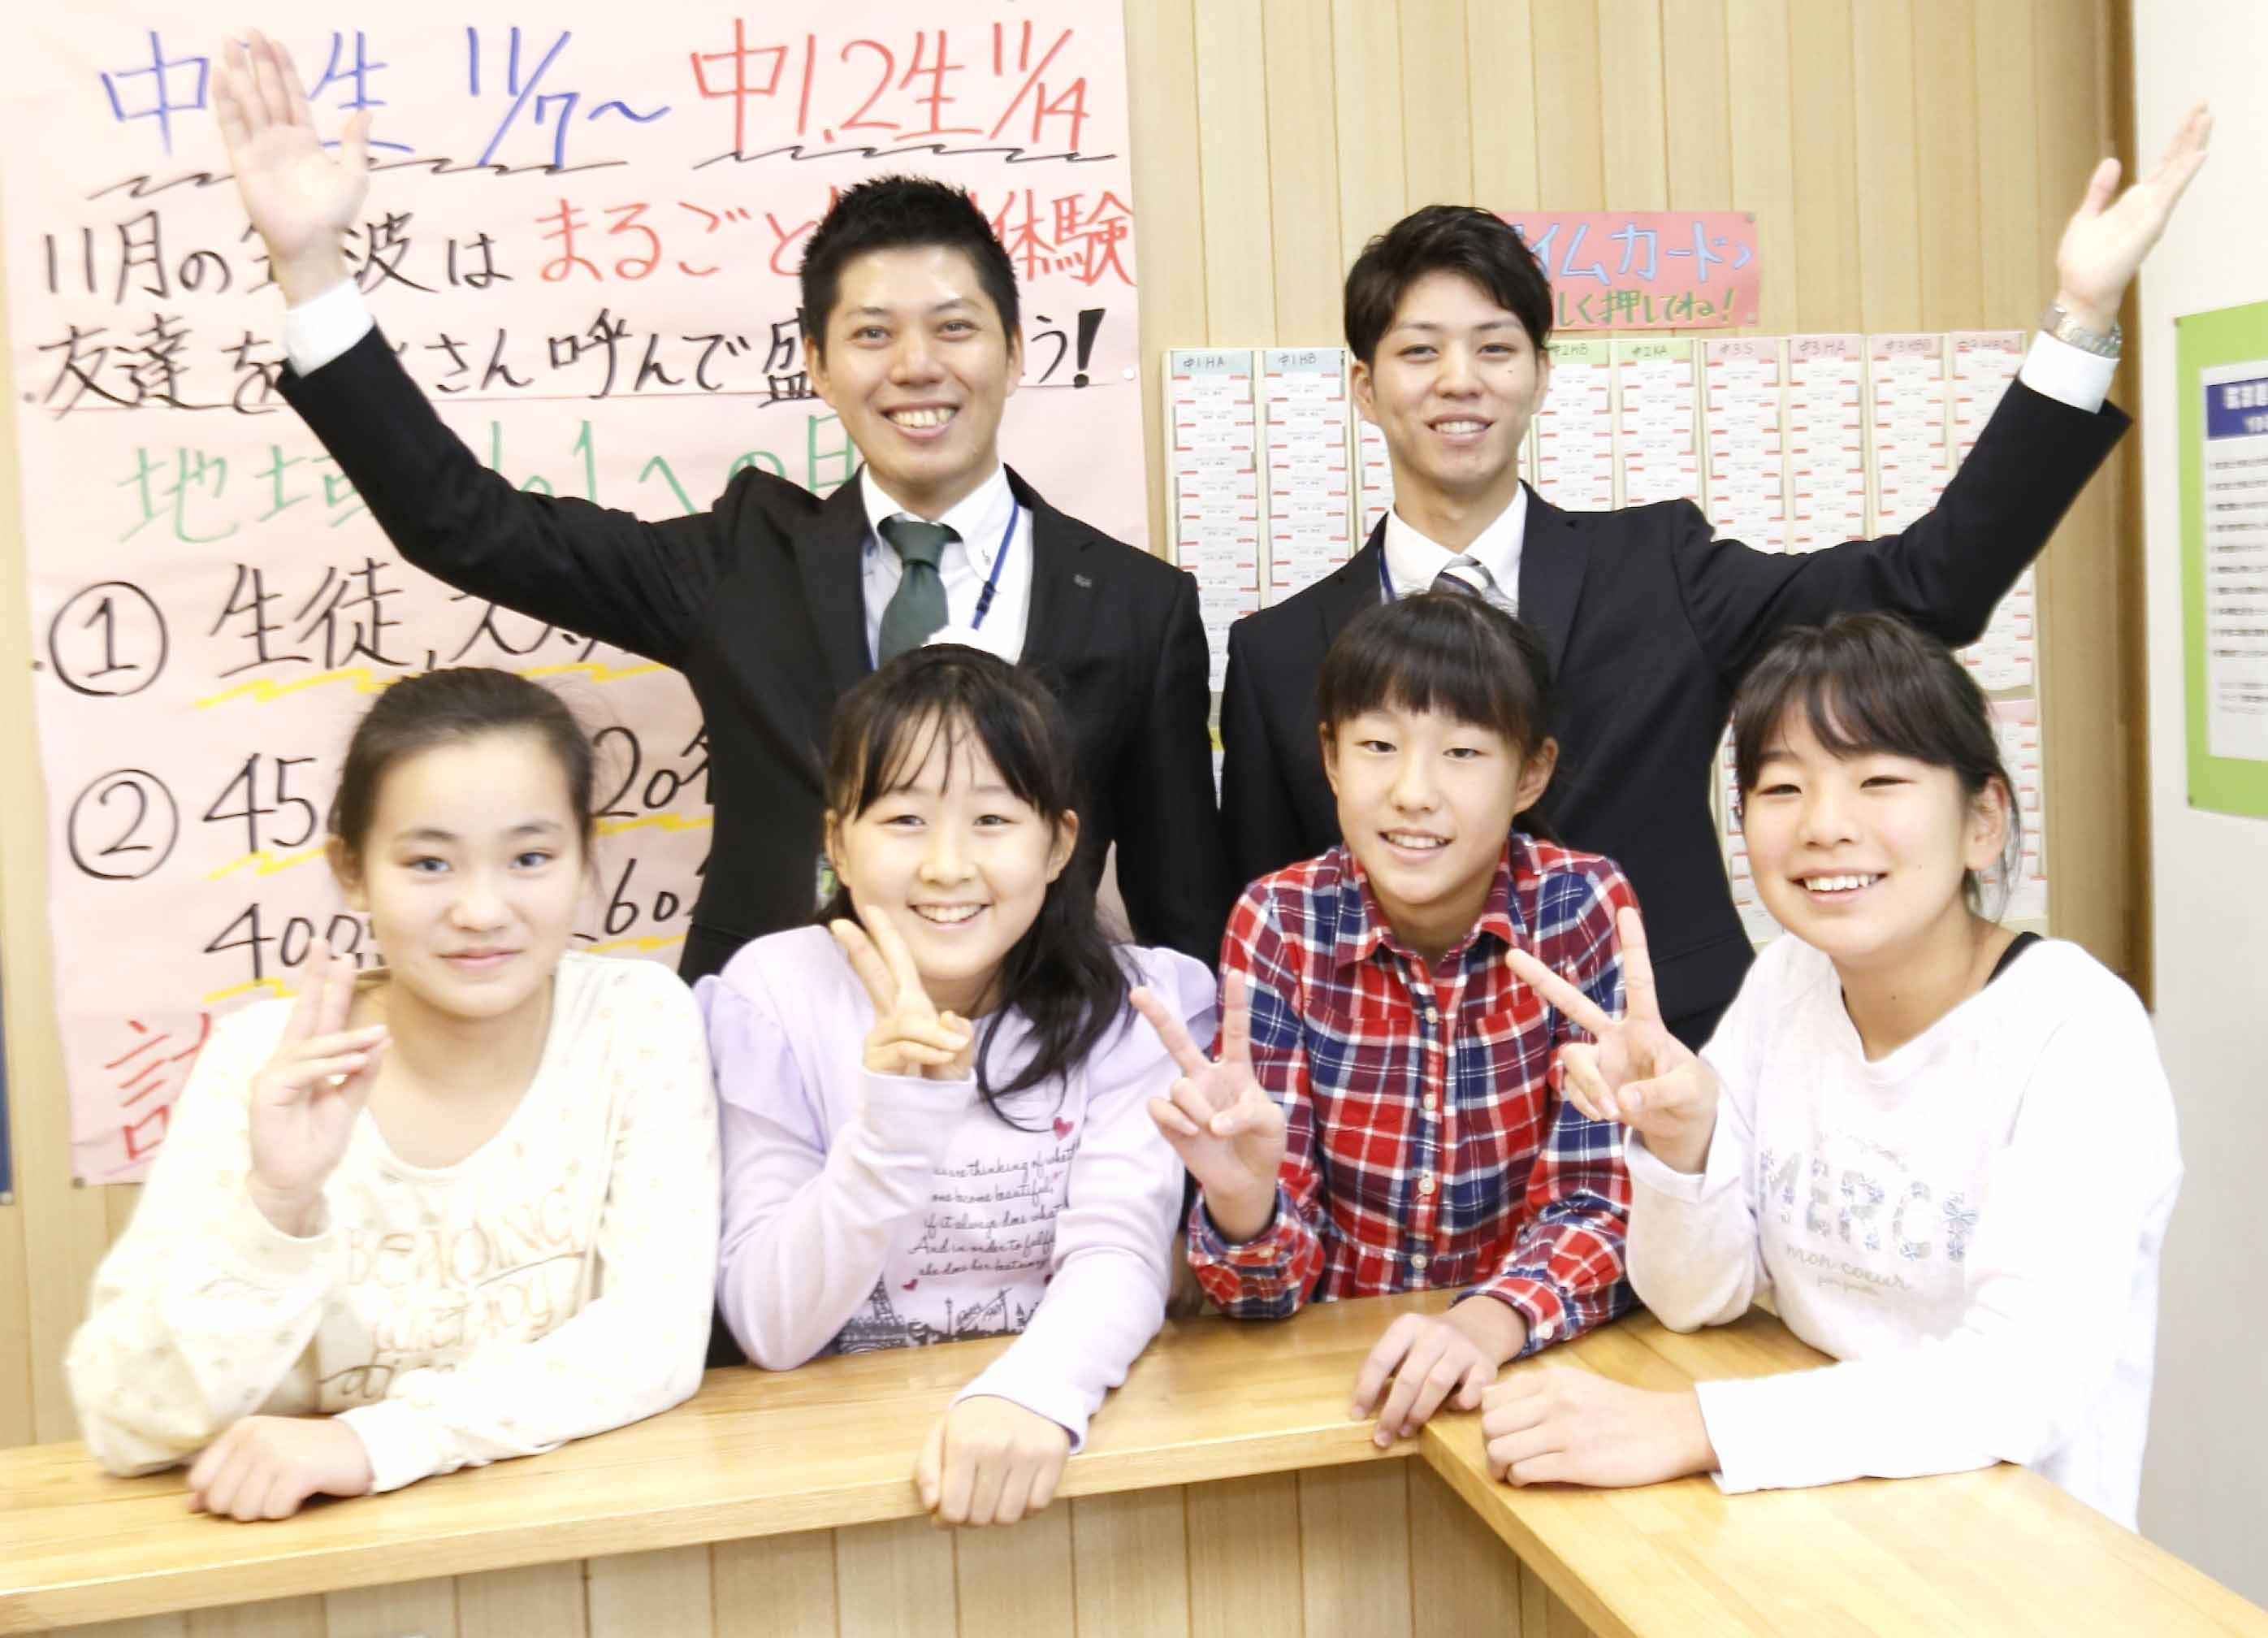 筑波進研スクール 上木崎教室のアルバイト情報